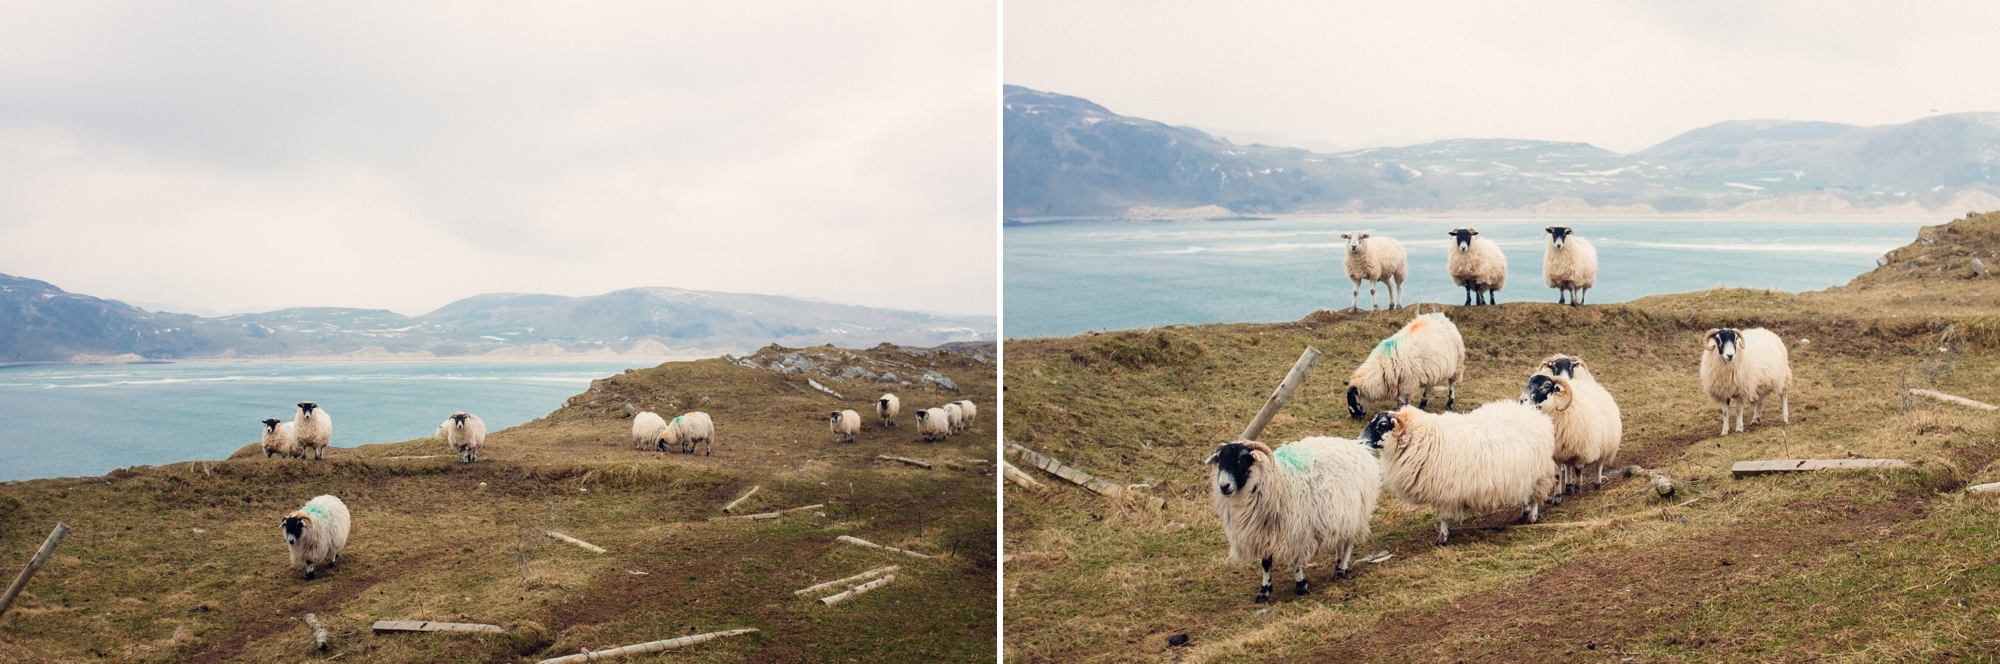 Isle of Doagh 5.jpg